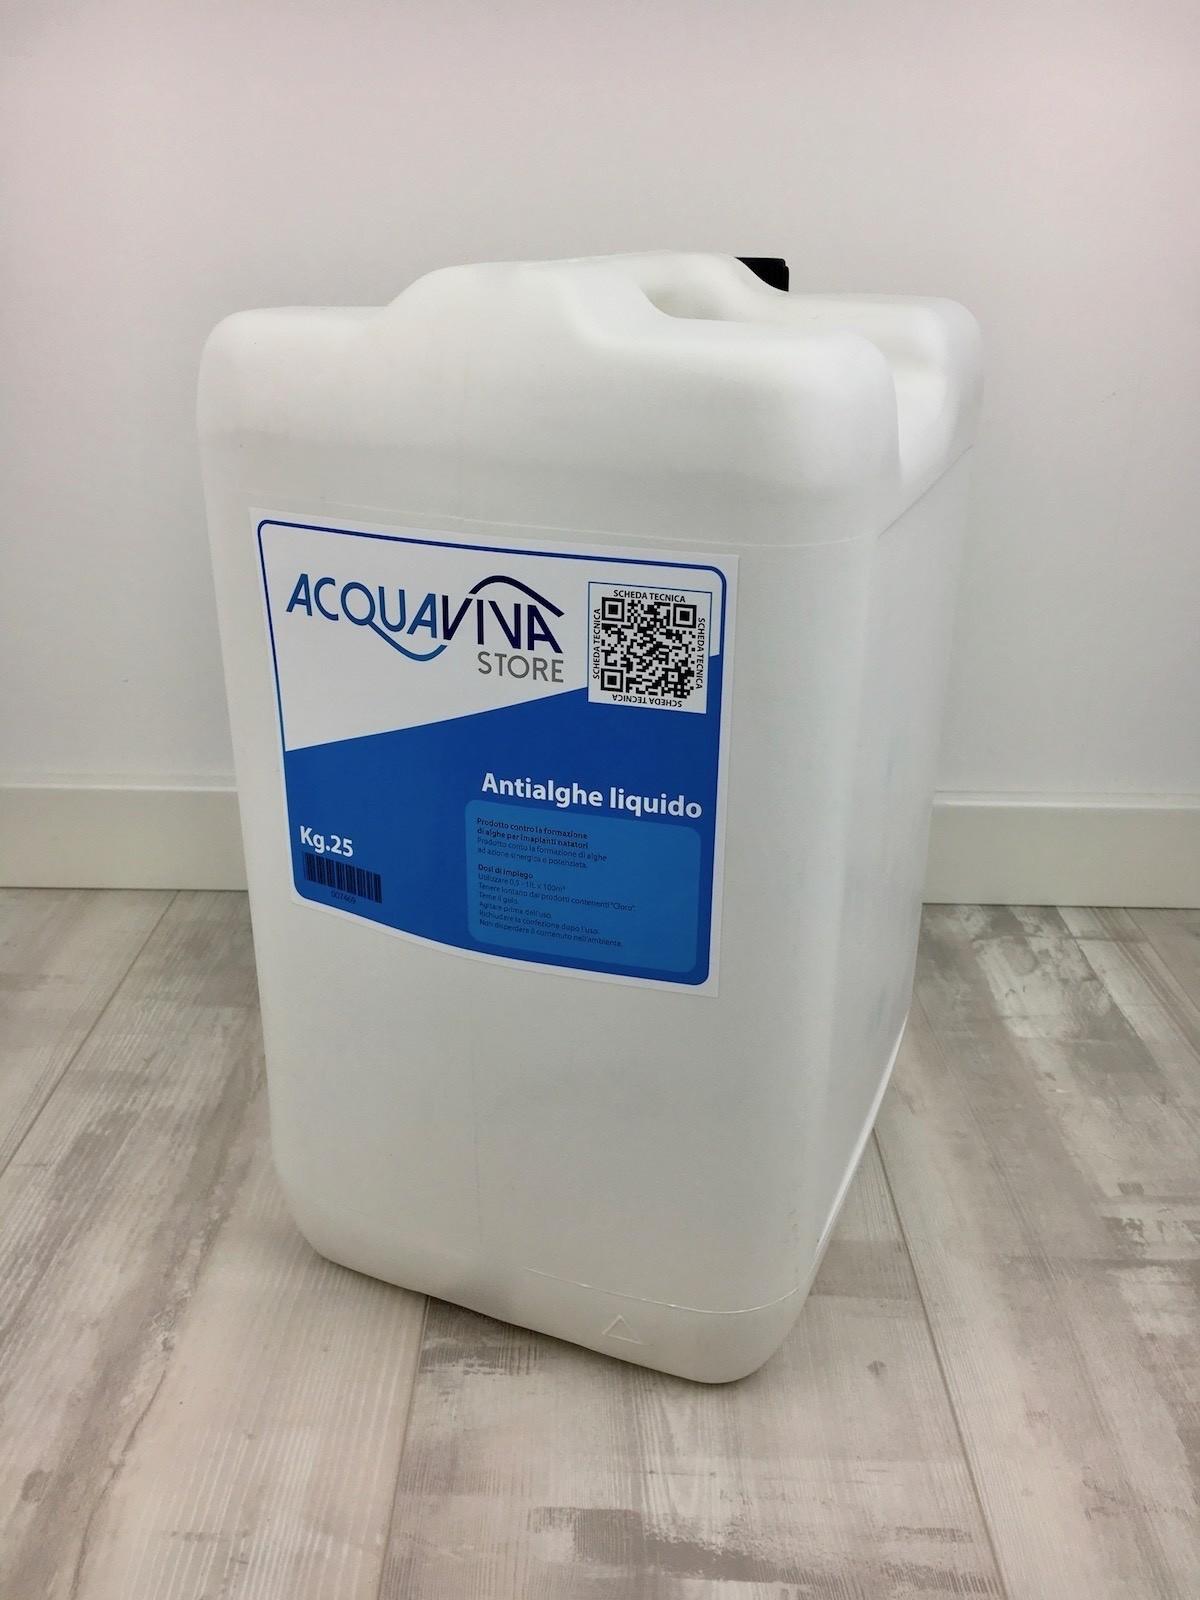 Antialghe da 25kg per piscine o fontane acquaviva store - Antialghe per piscina dosaggio ...